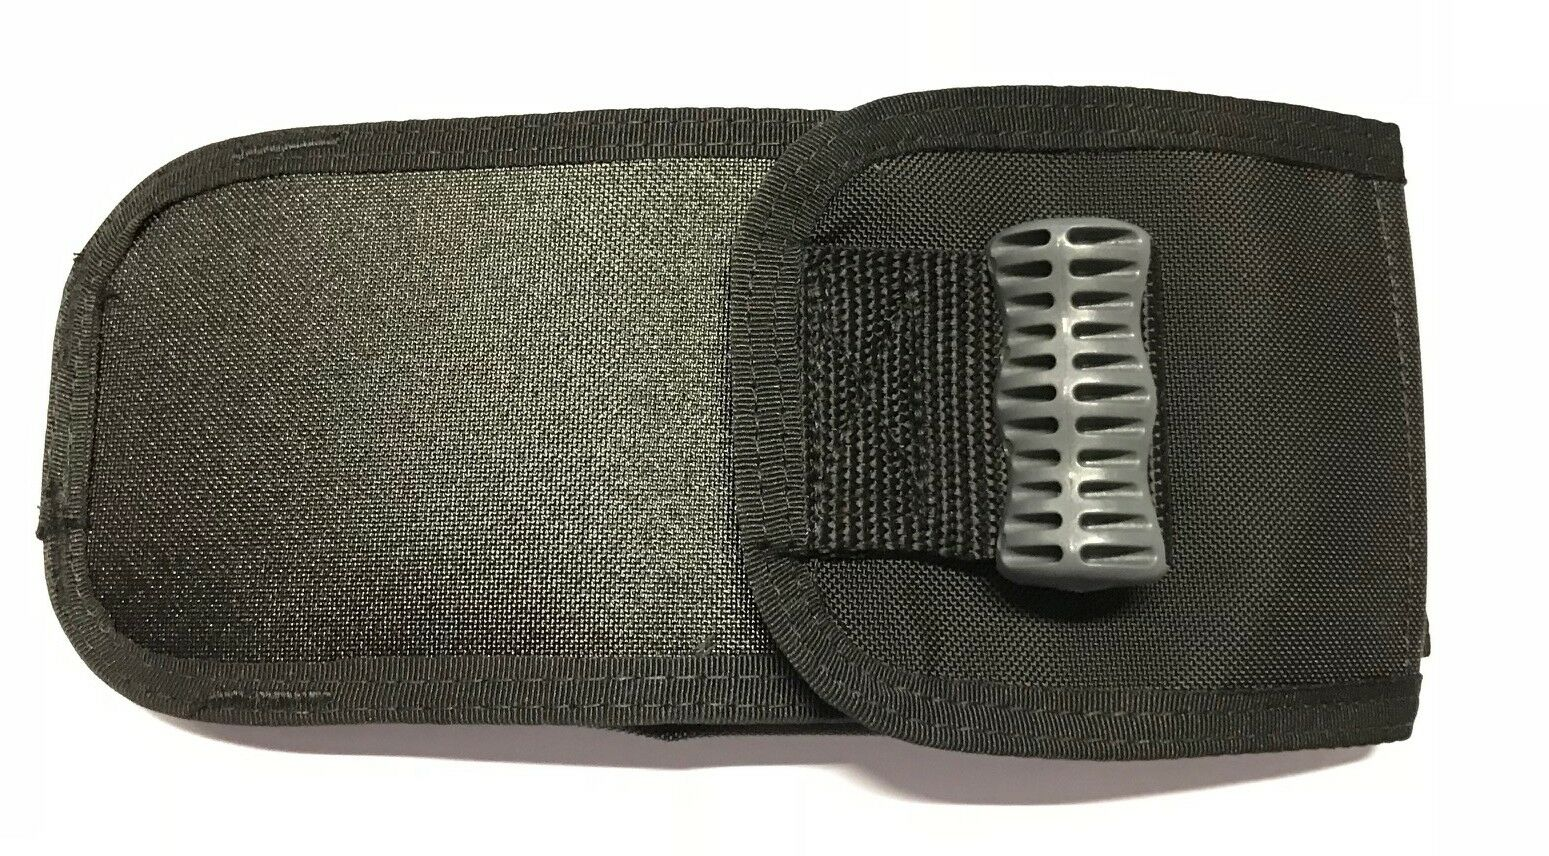 SeaQuest Pro QD Bleitasche mit Klett Ersatzbleitasche Ersatzbleitasche Ersatzbleitasche für Pro QD - NEU f898cf